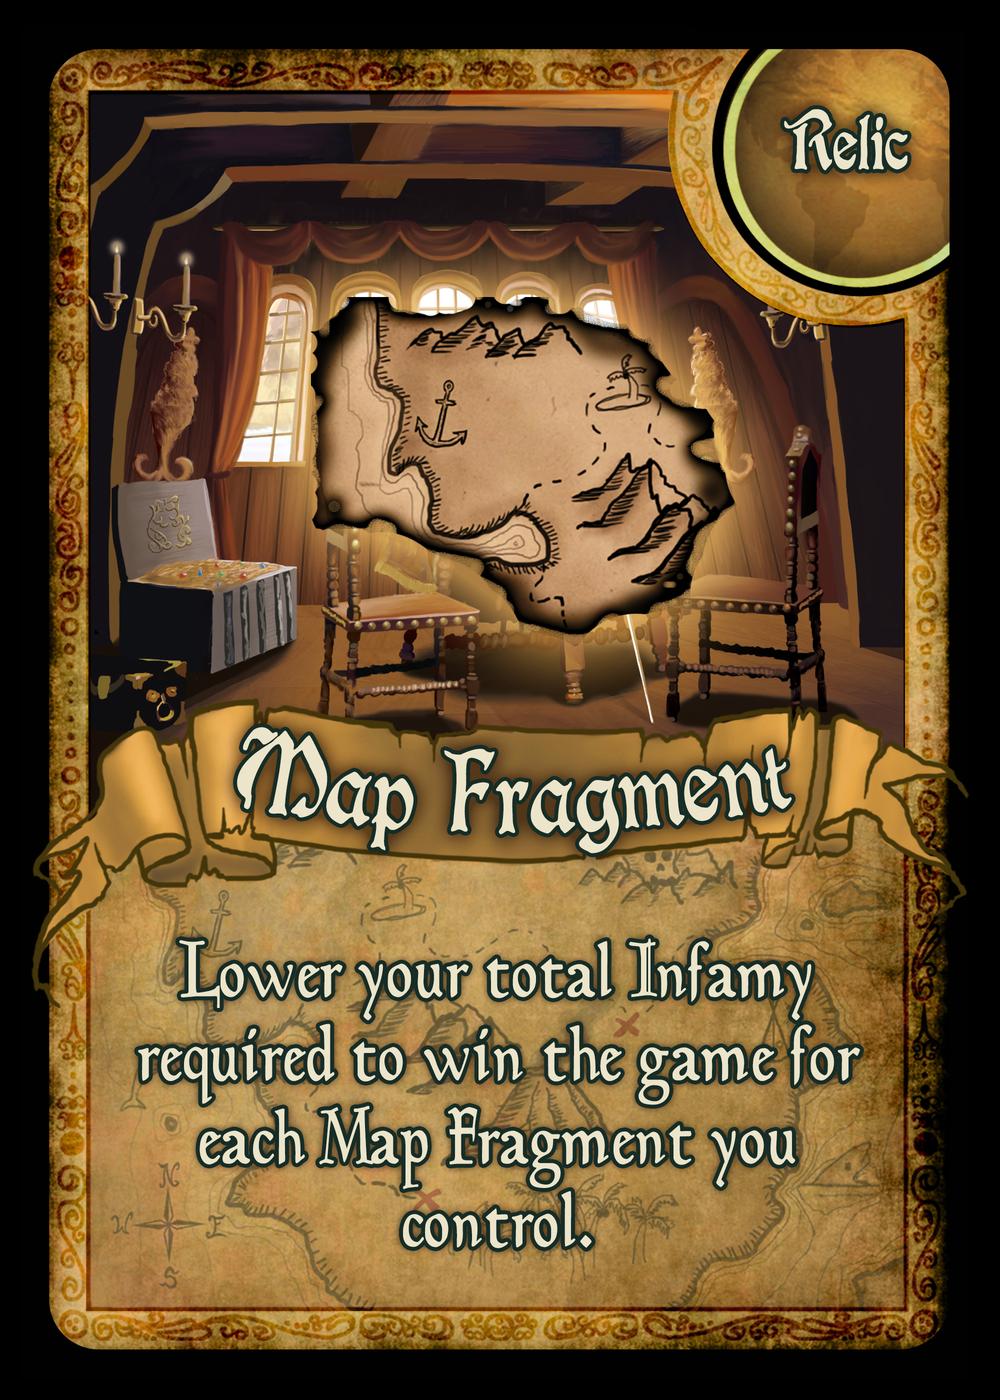 map-fragment-1.jpg